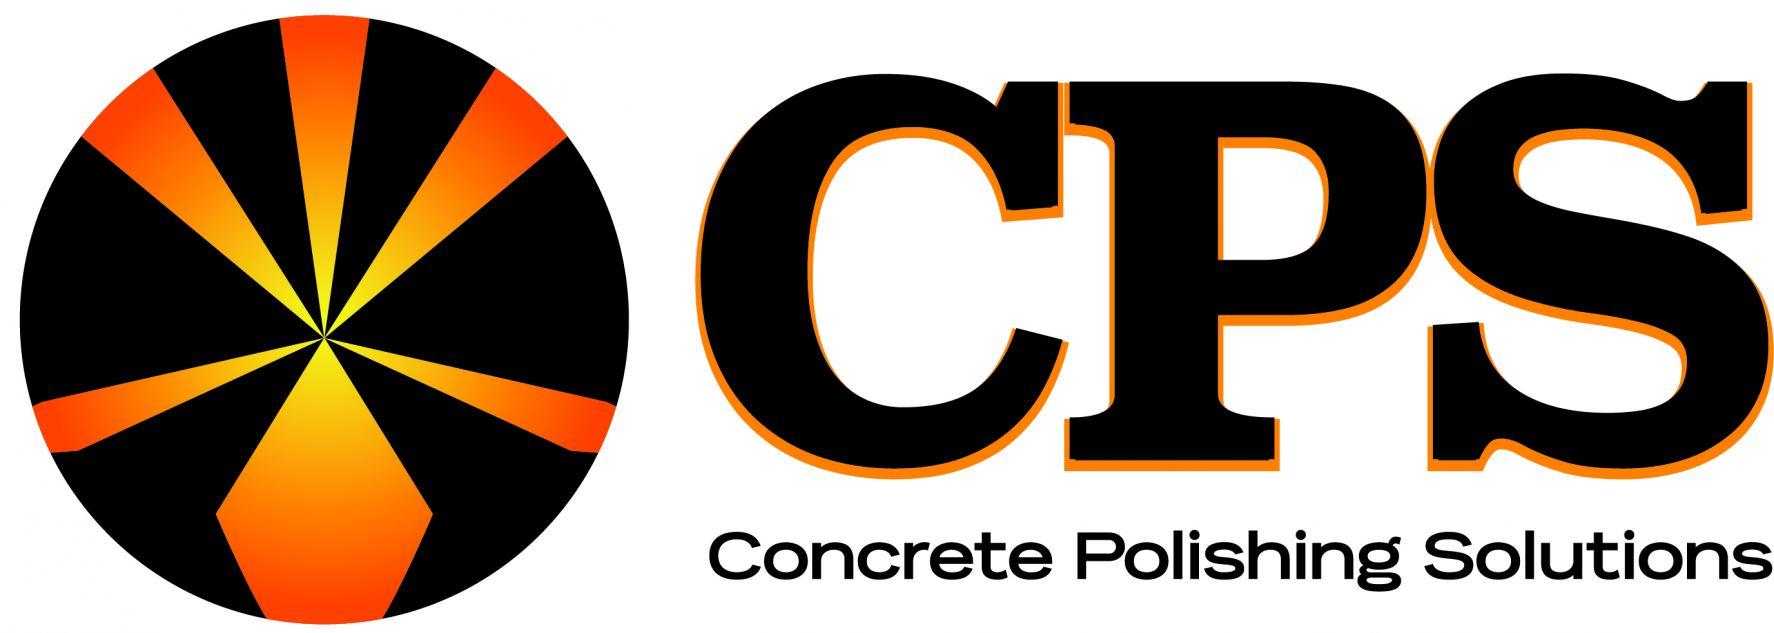 concretepolishing Logo